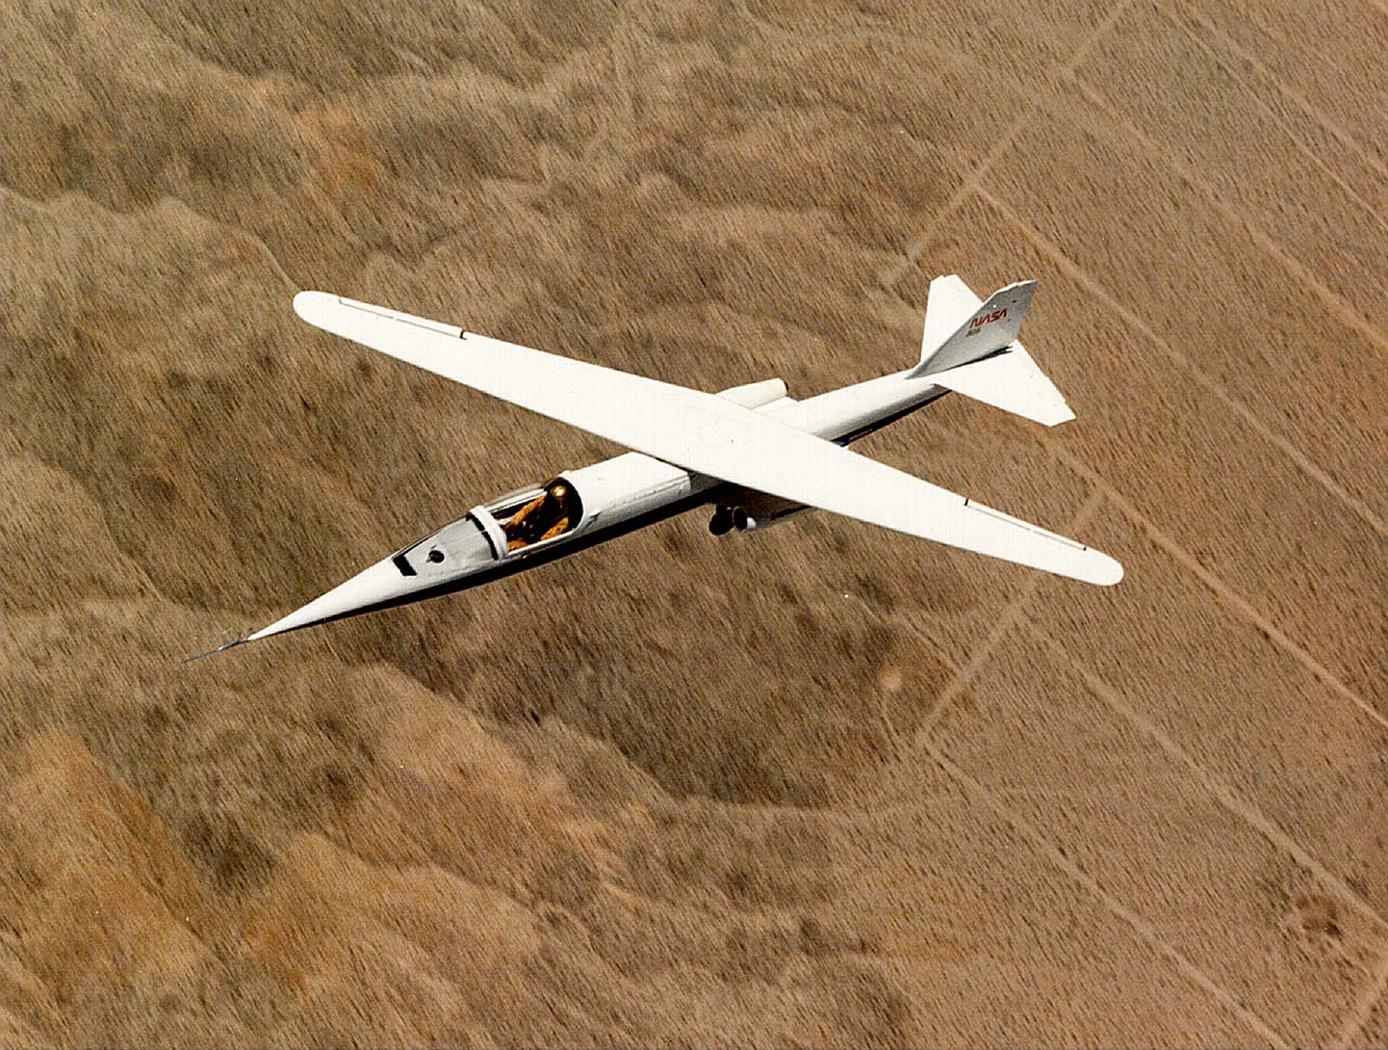 AD-1 NASA wikimedia commons